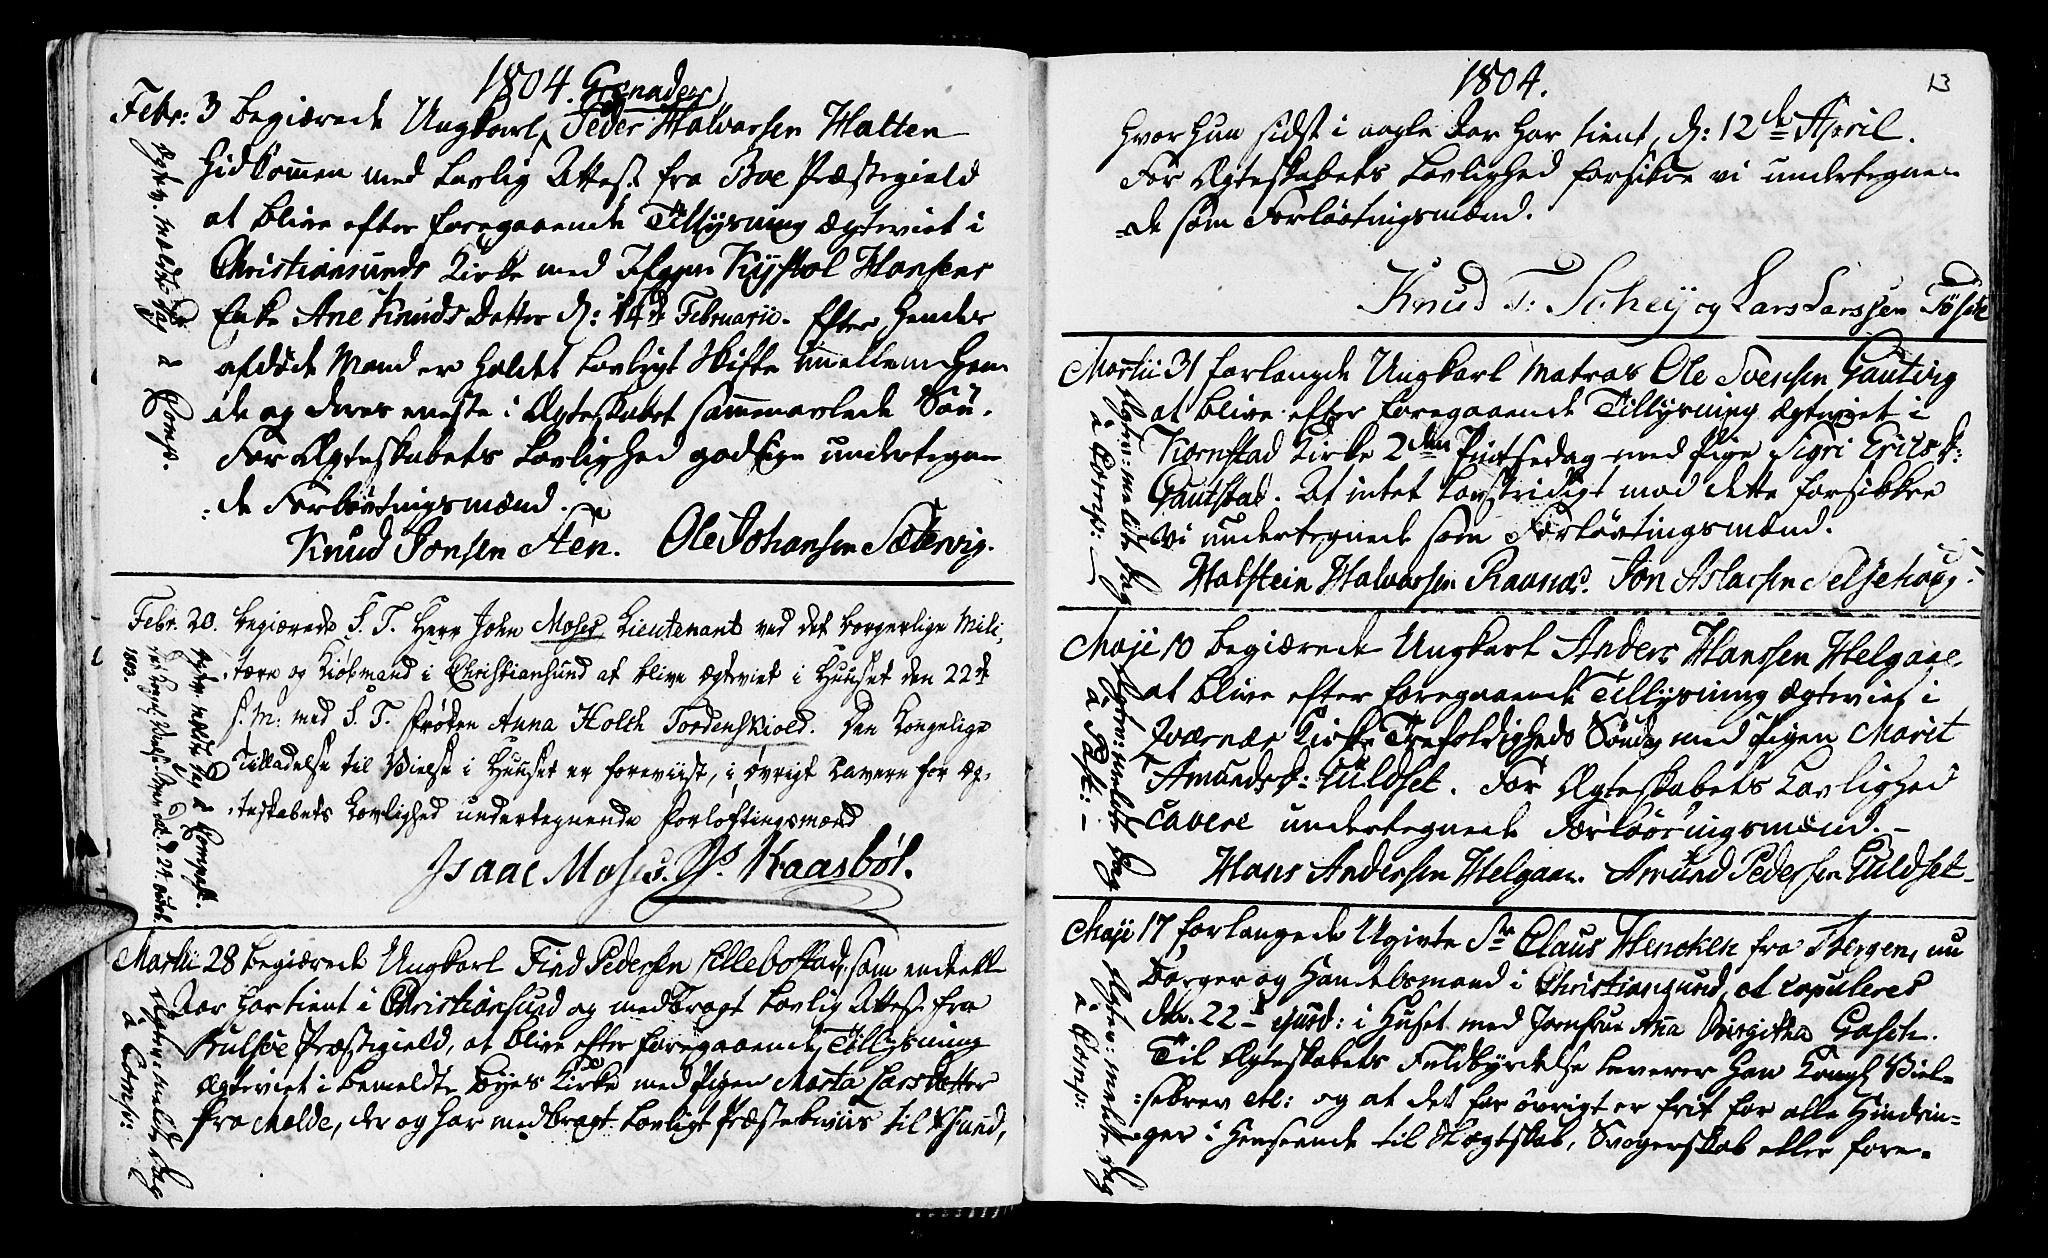 SAT, Ministerialprotokoller, klokkerbøker og fødselsregistre - Møre og Romsdal, 568/L0795: Ministerialbok nr. 568A04, 1802-1845, s. 13